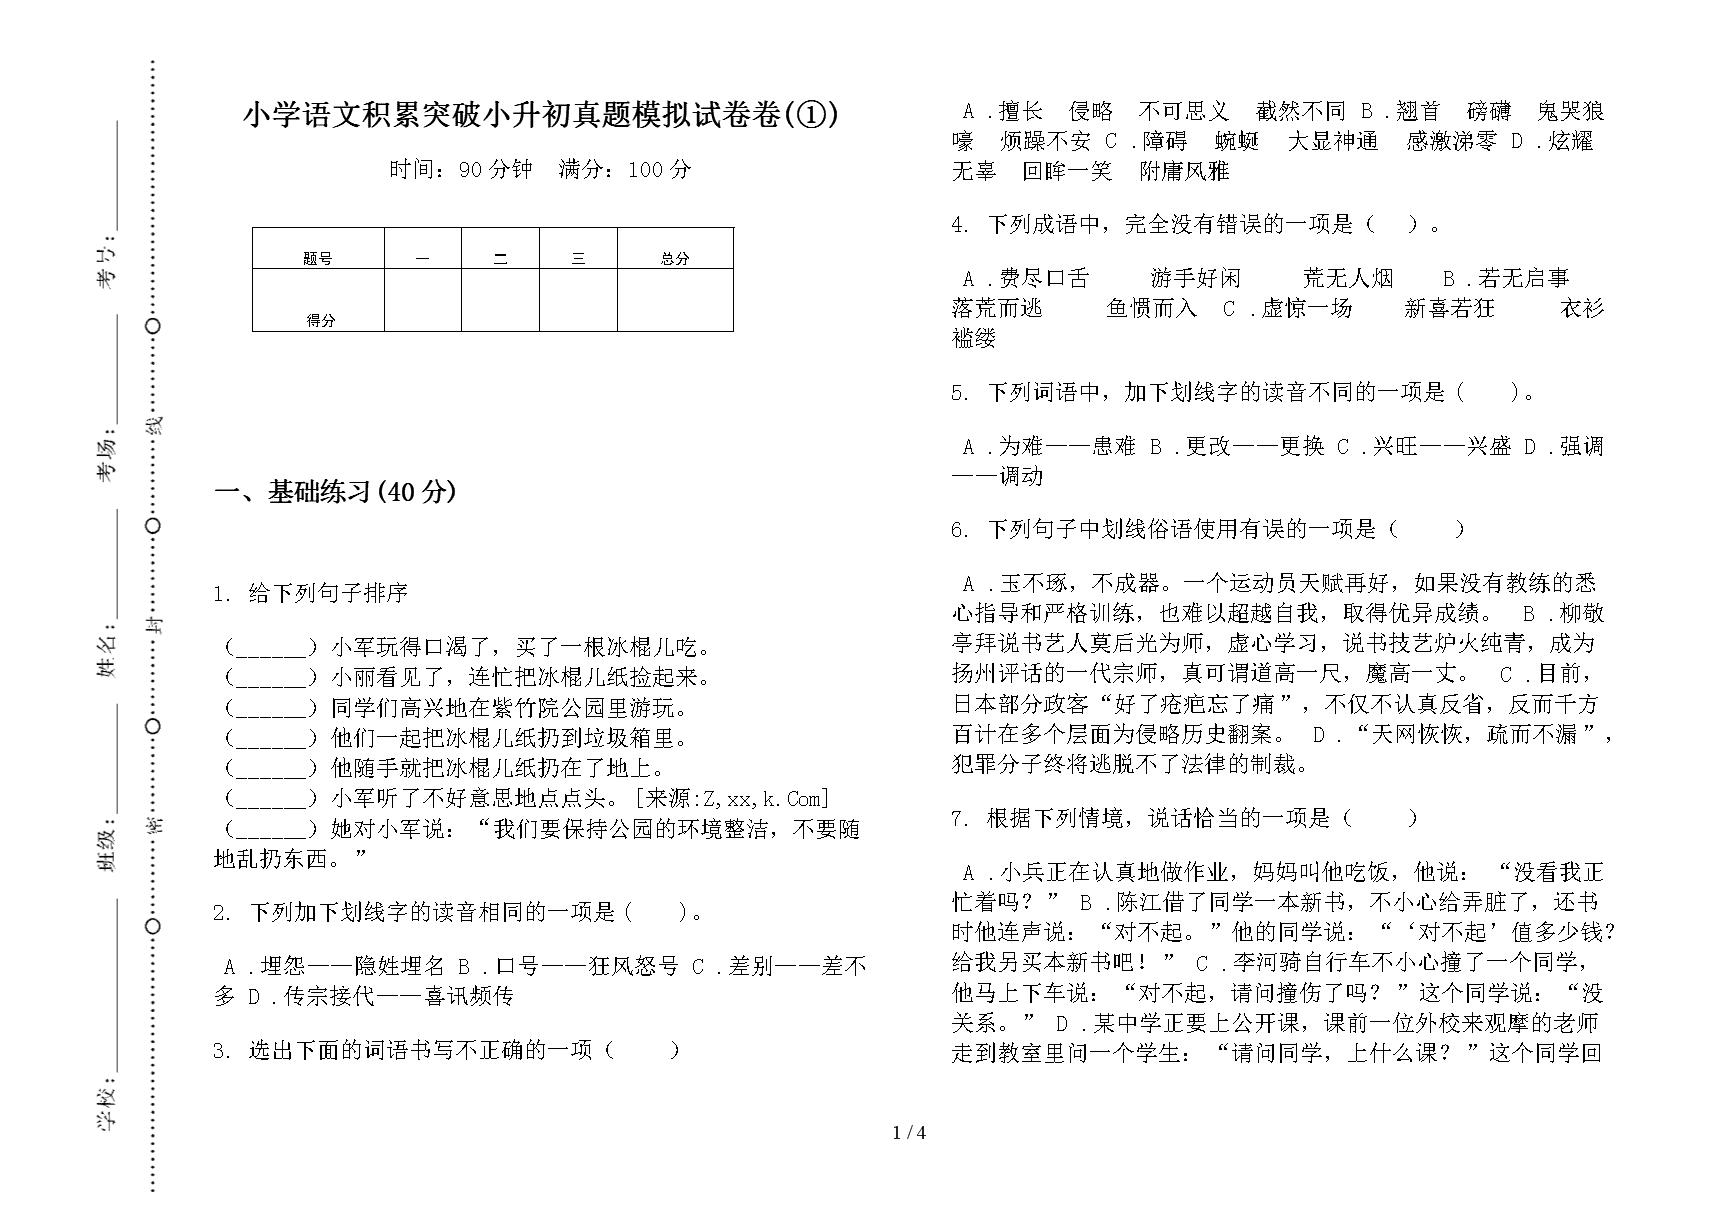 小学语文积累突破小升初真题模拟试卷卷(①).docx